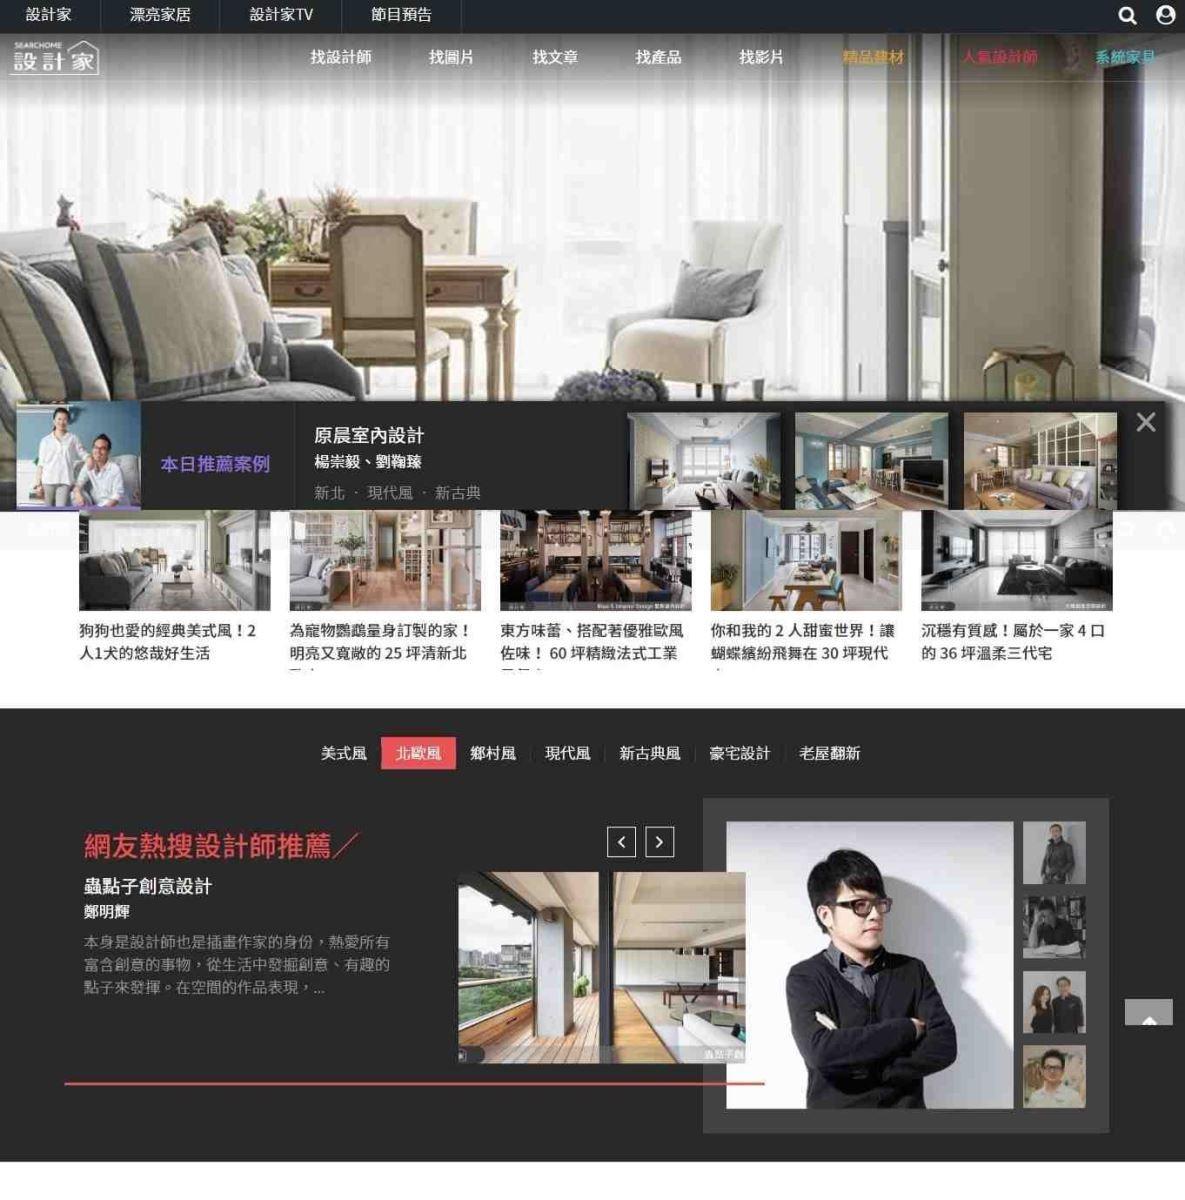 設計家網站於今年元旦進行首頁及搜尋功能改版,為有裝潢需求的網友提供最佳視覺體驗。